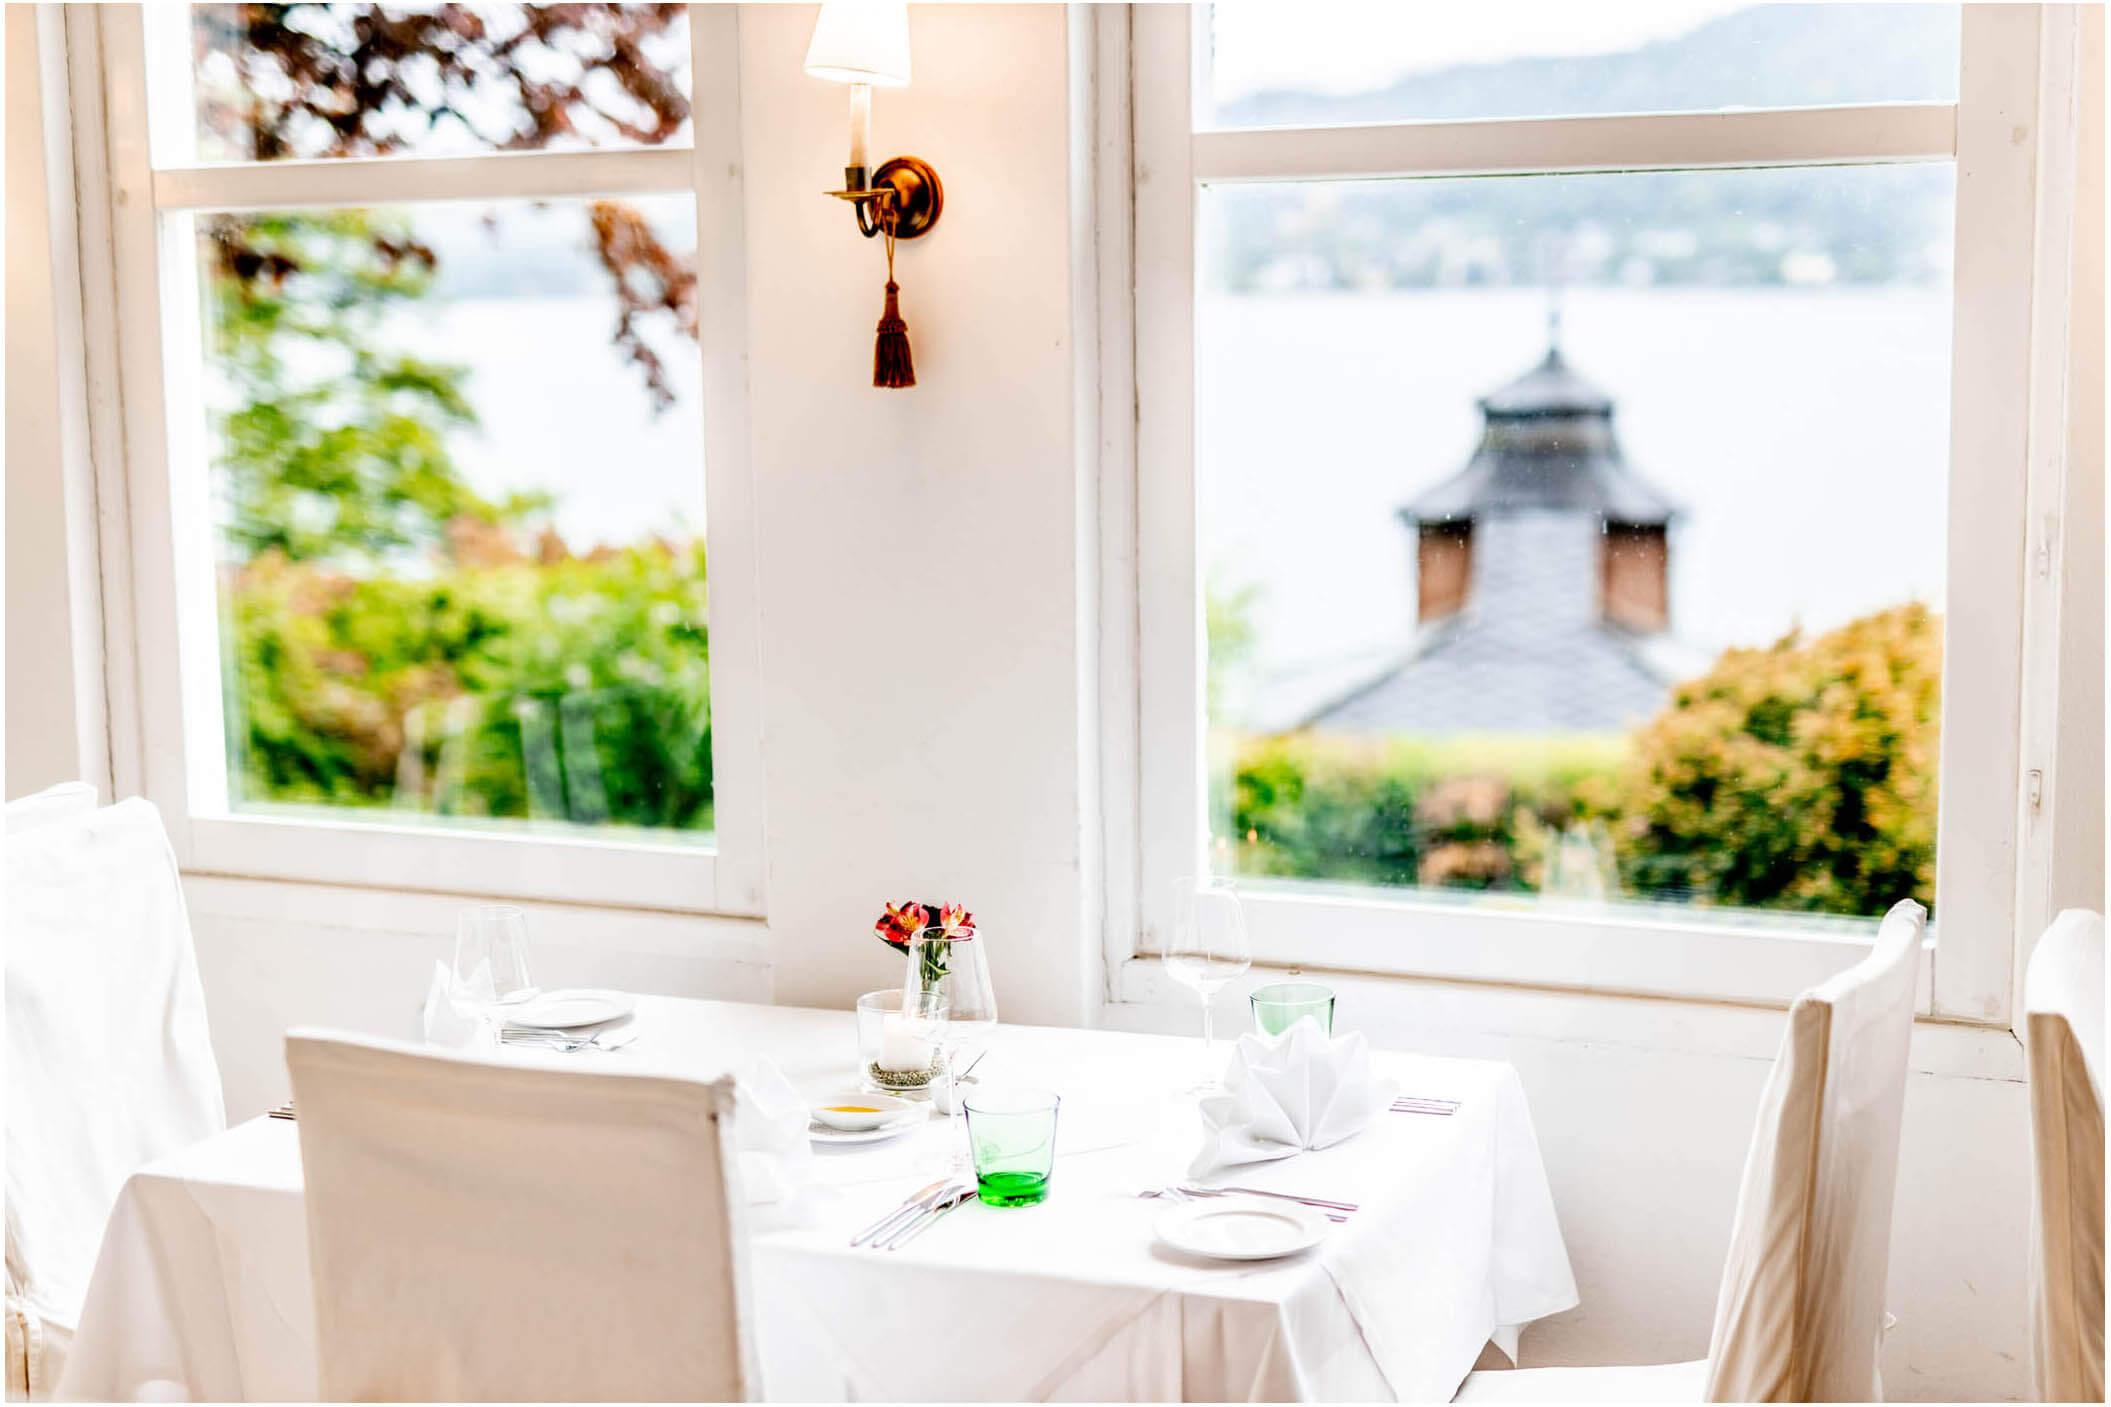 Restaurant des Schloss Miralago in Pörtschach am Wörthersee